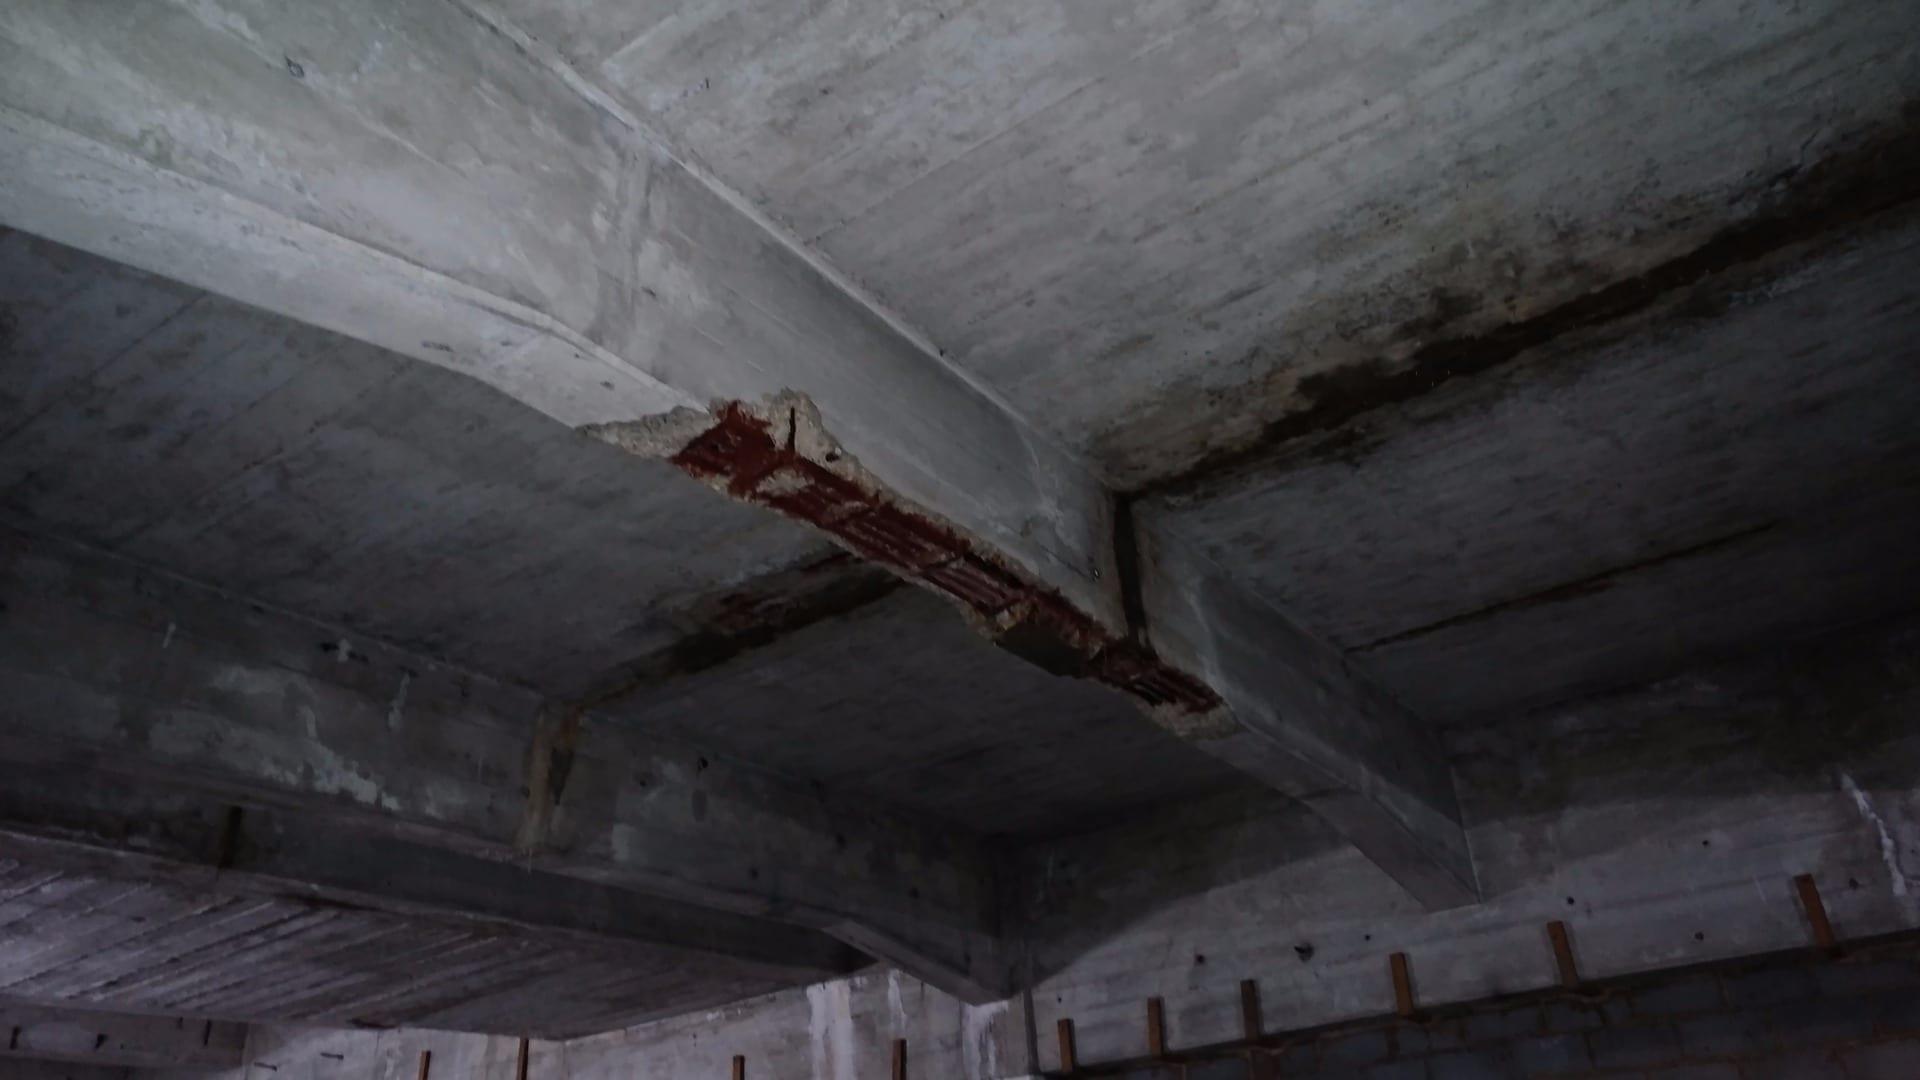 State of Repair at Harrowside Bridge